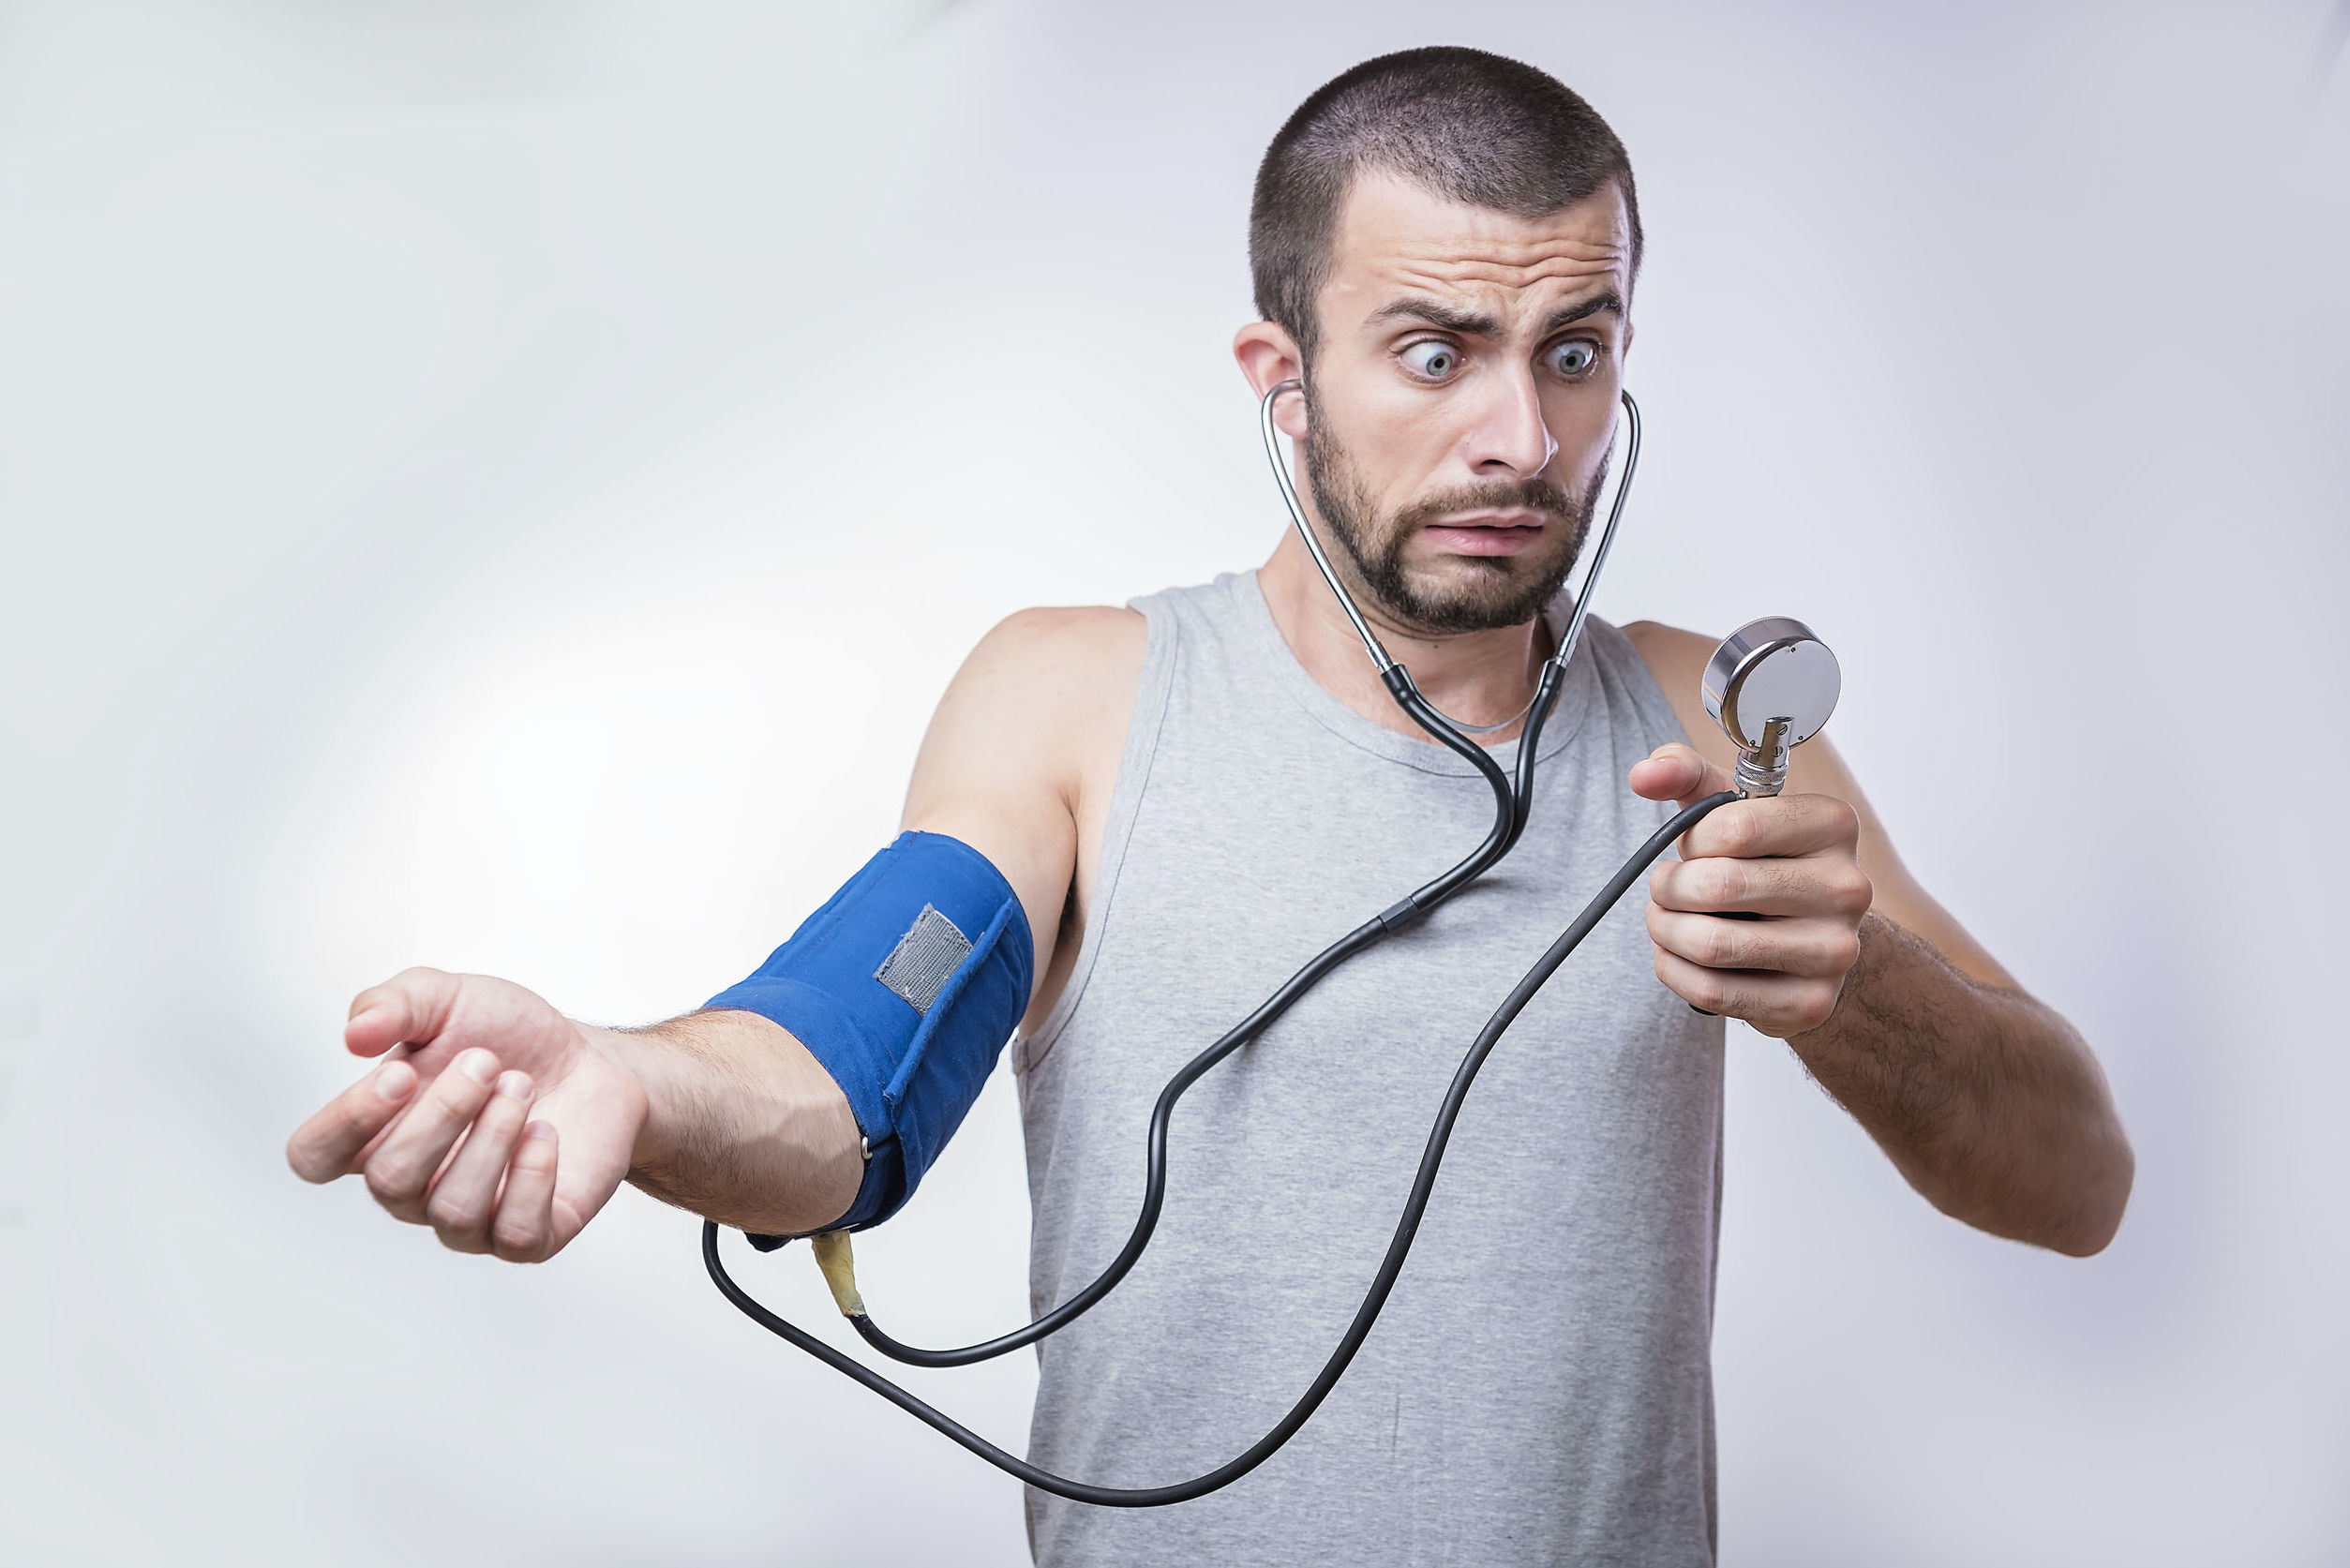 magas vérnyomás esetén kevesebb folyadékra van szüksége